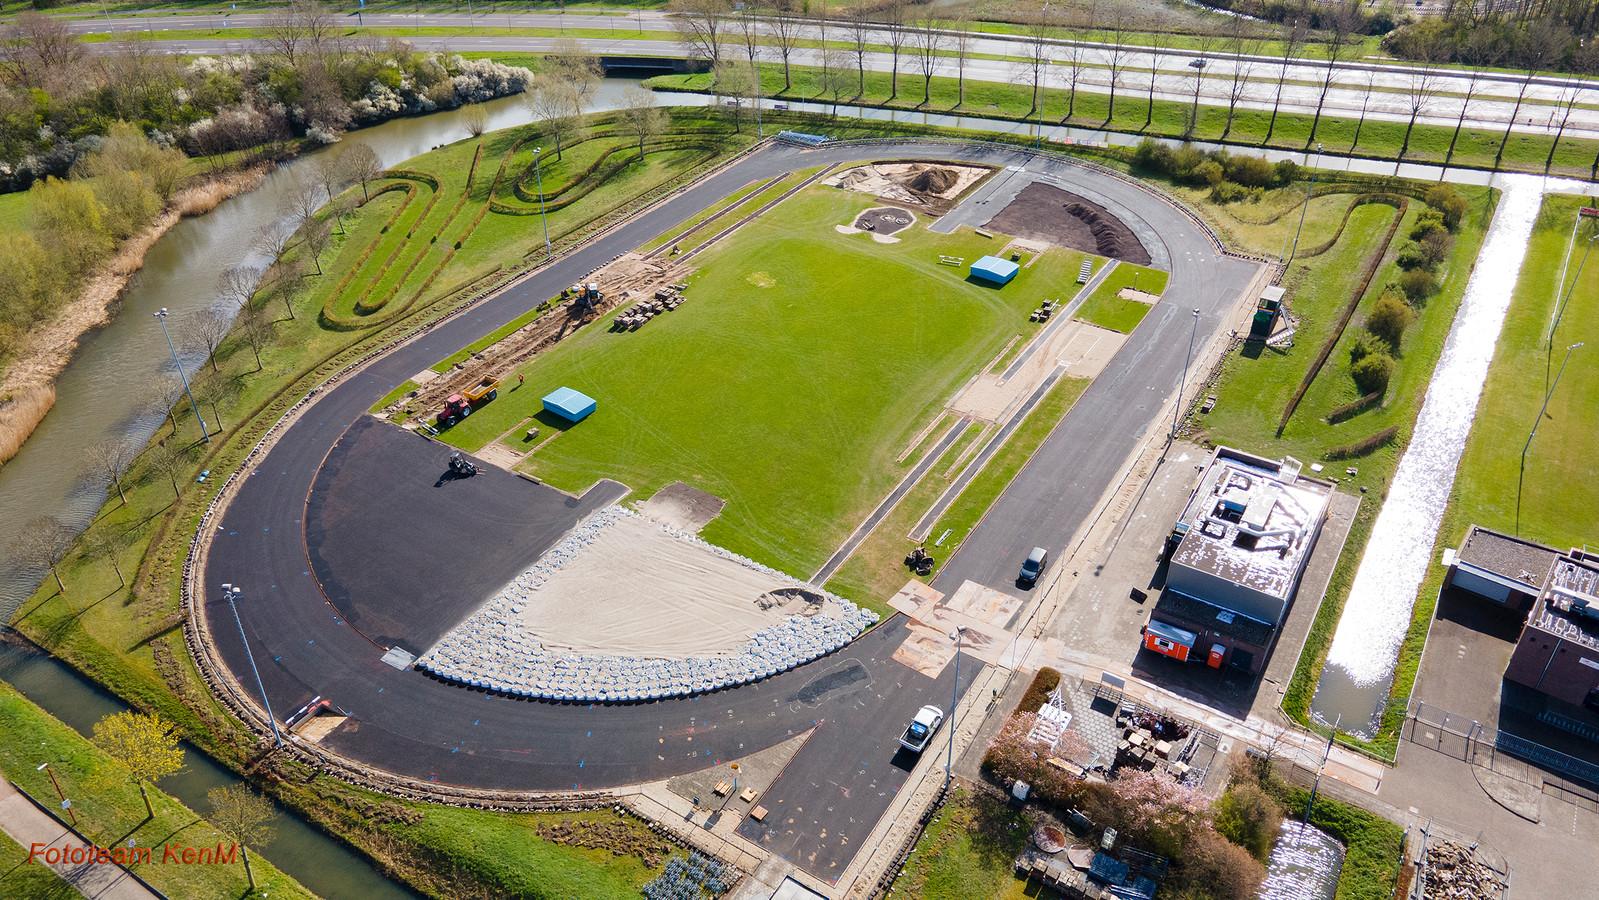 Atletiekbaan Averni in Nieuwegein